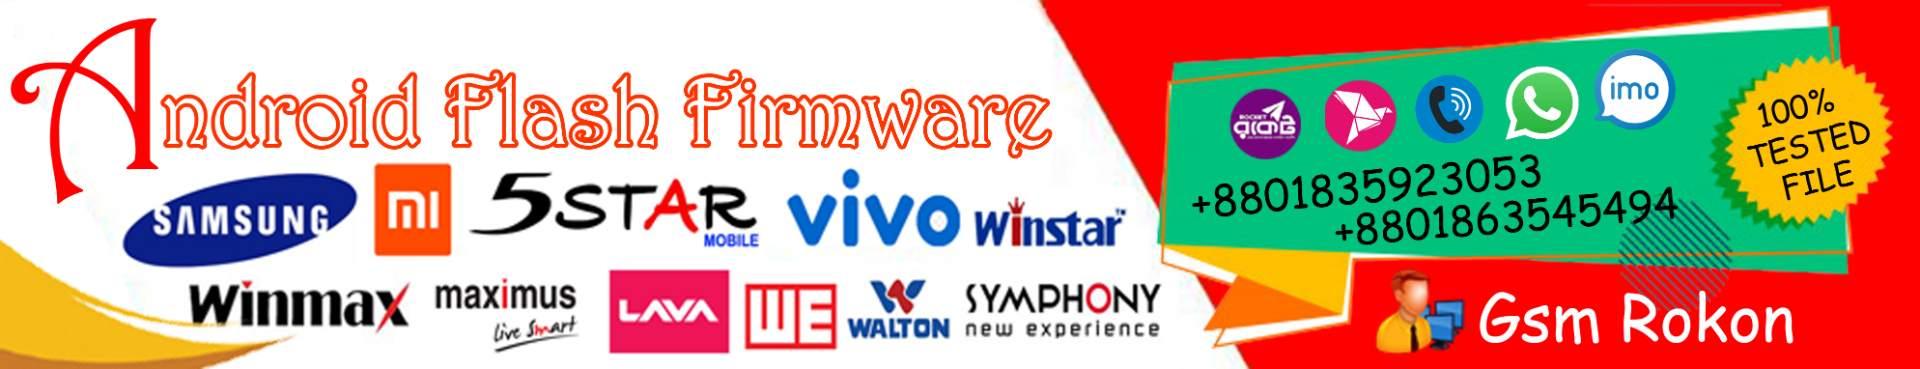 AndroidFlashFirmware